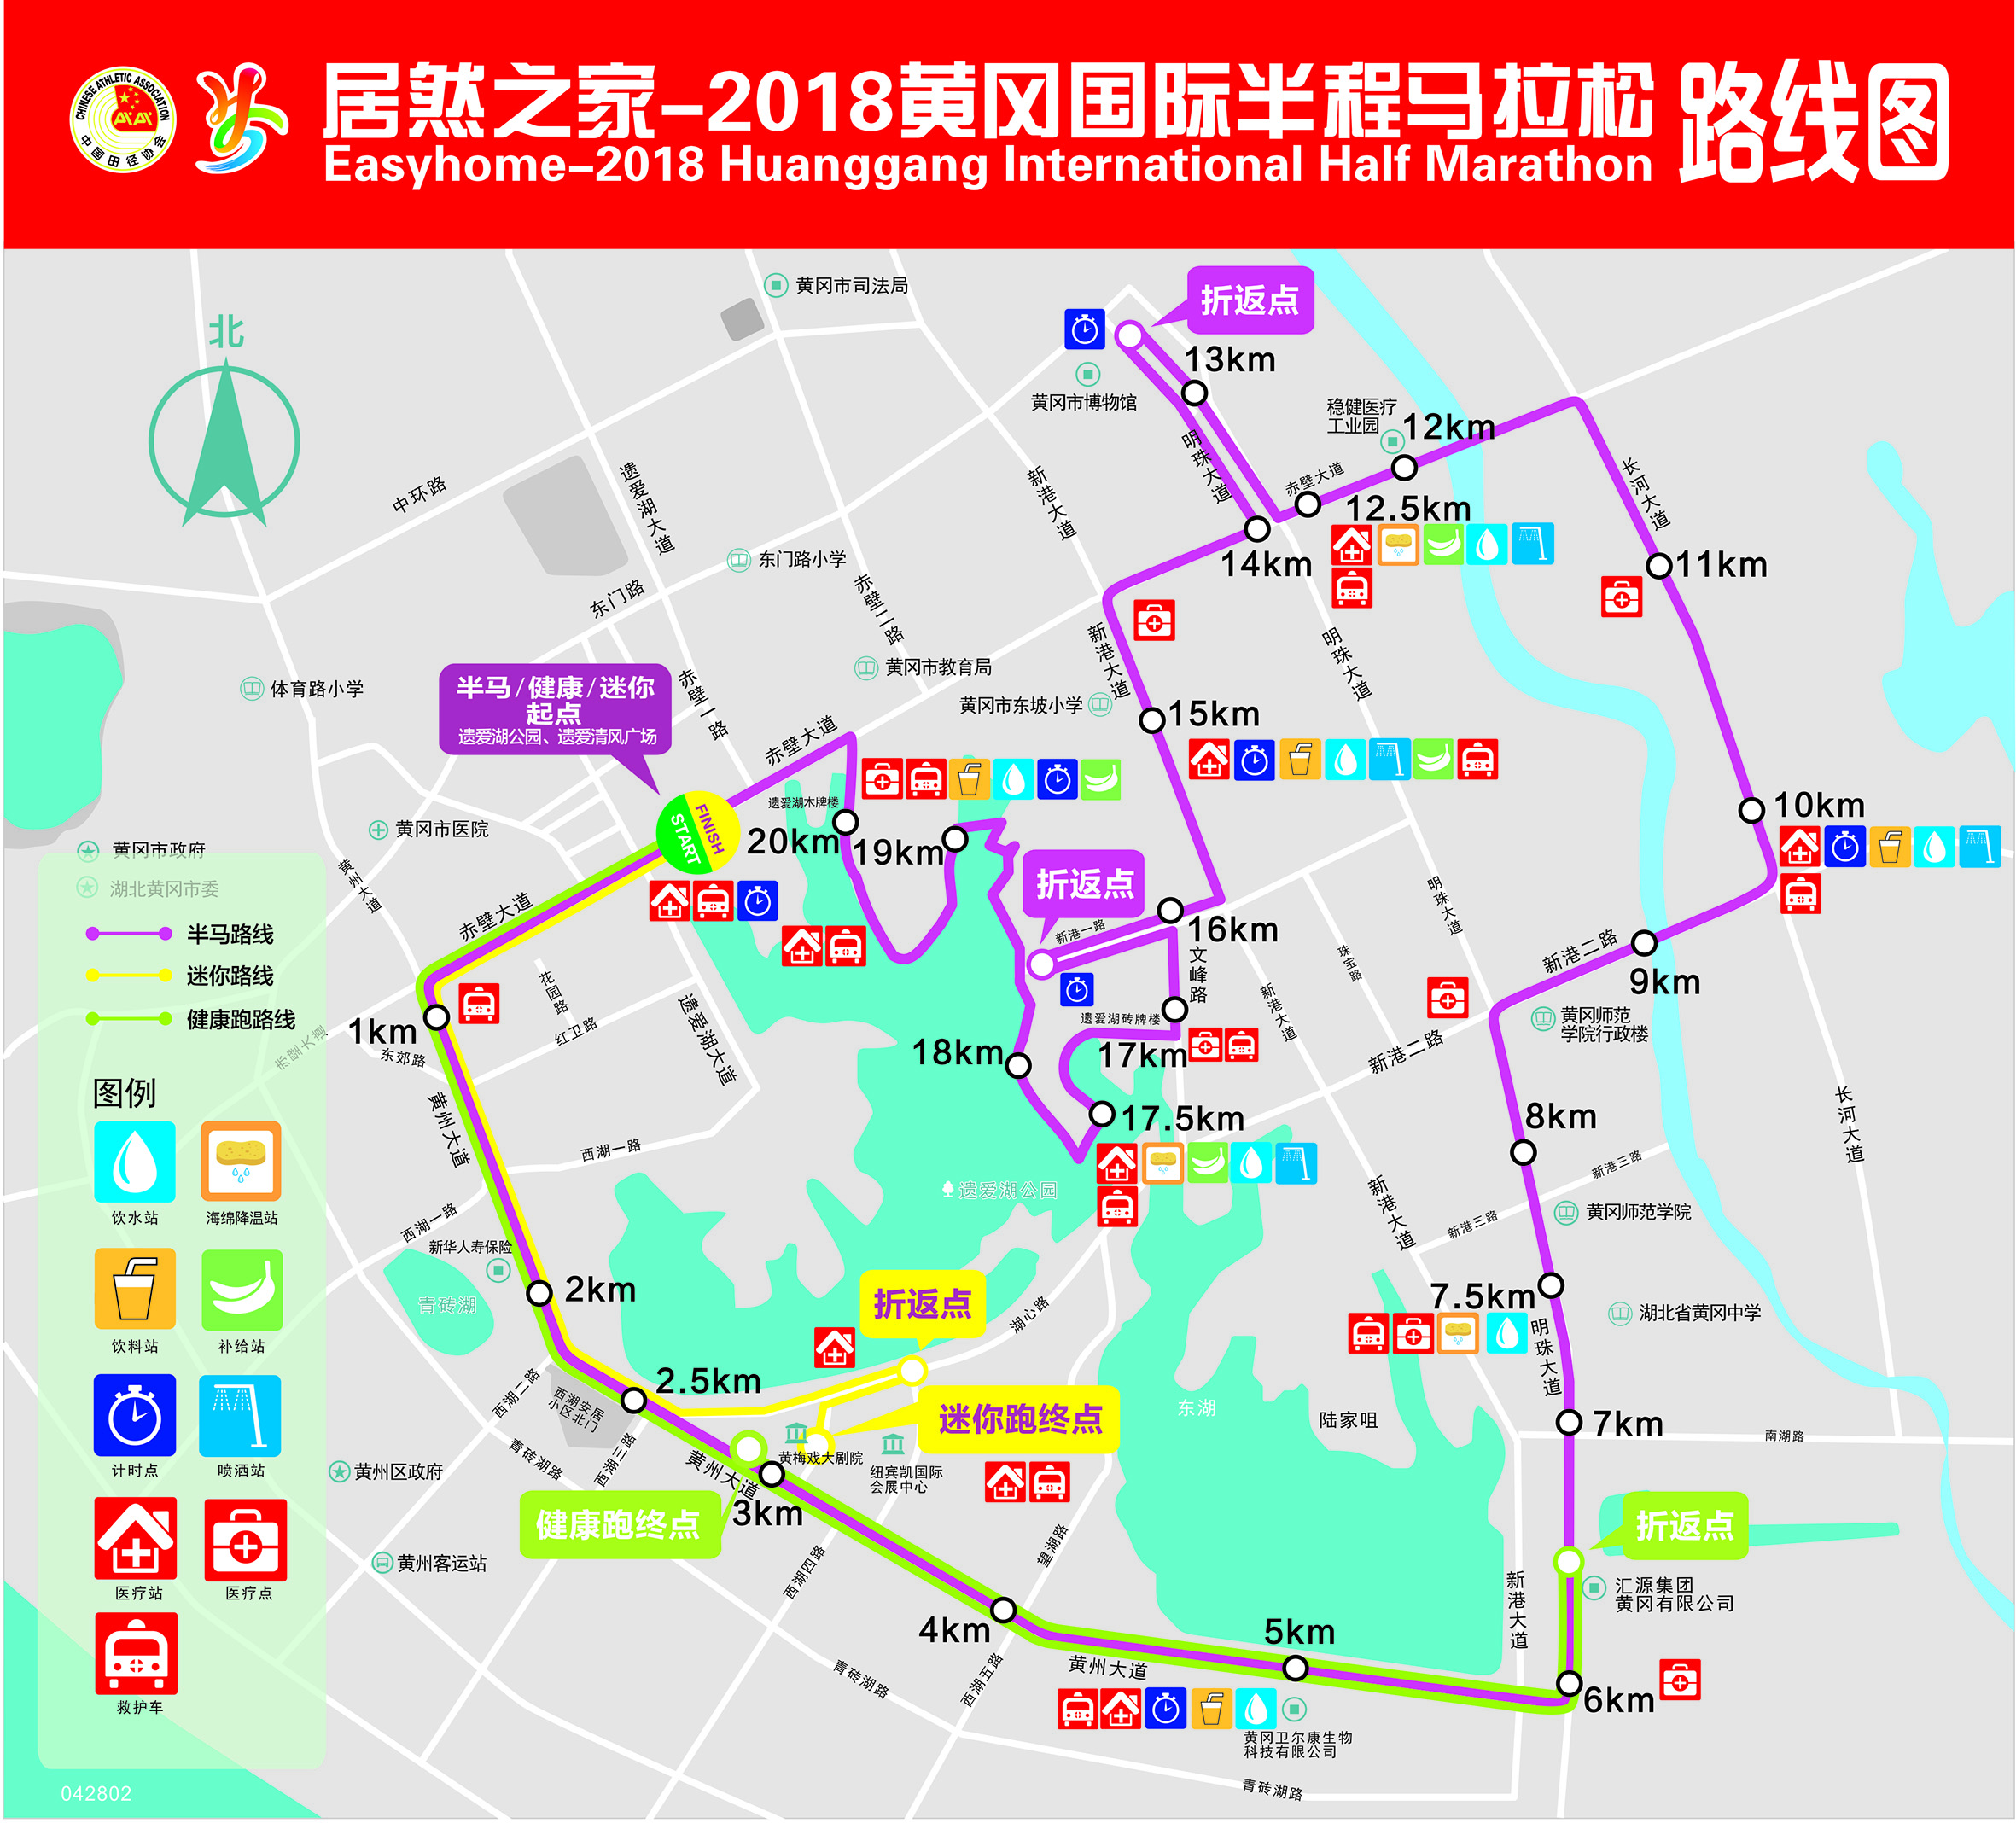 马拉松地图0428.jpg